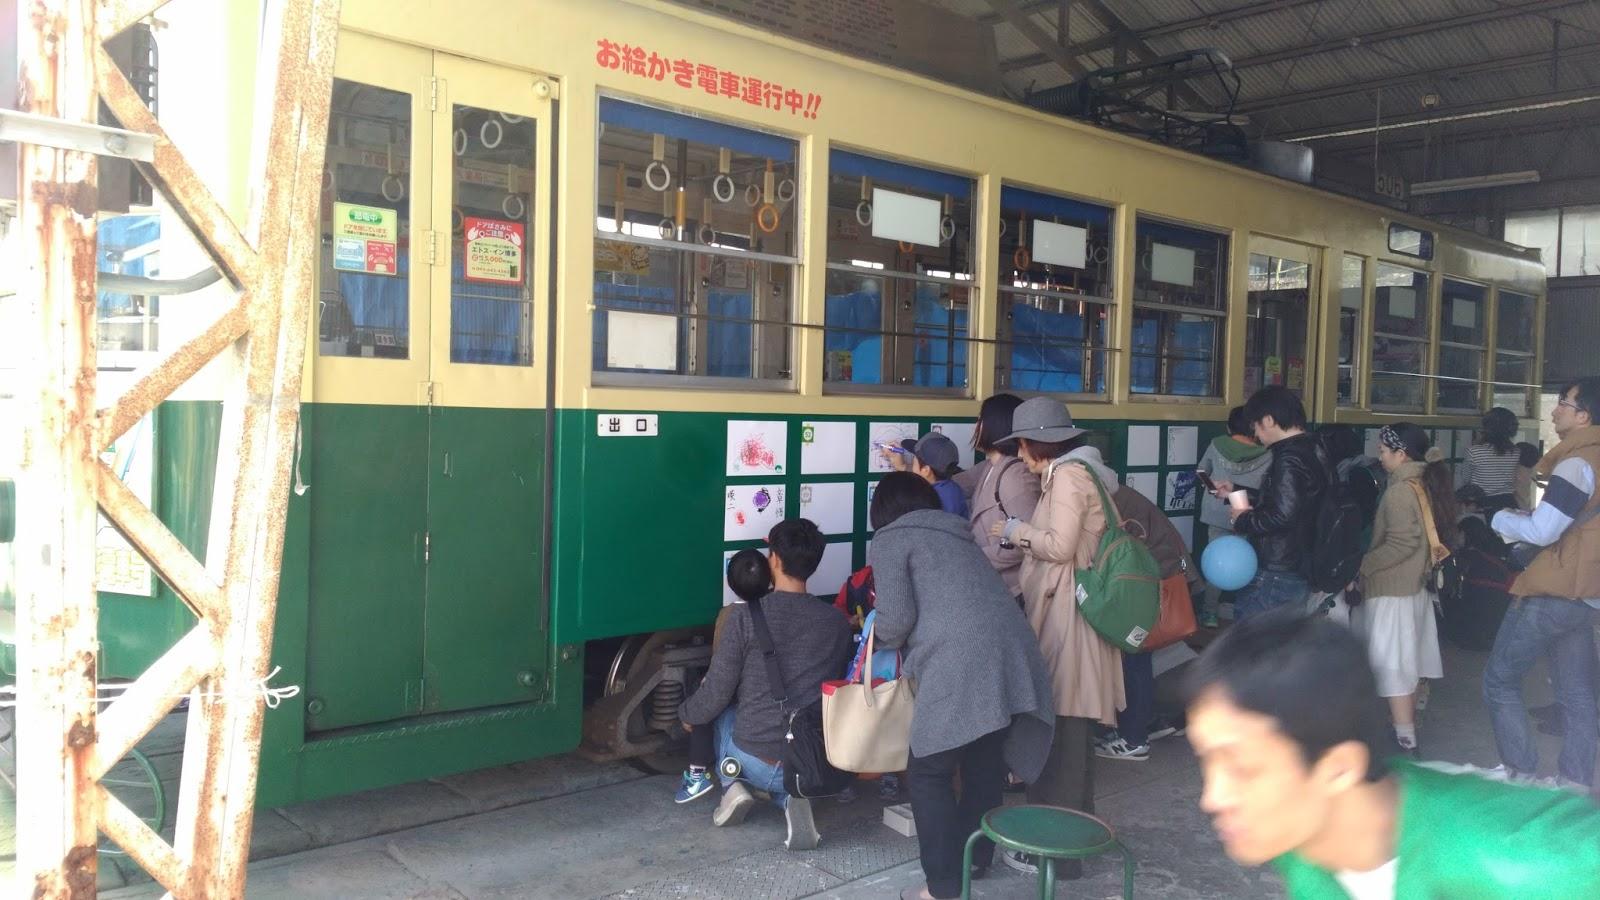 2017年11月12日に長崎市大橋町の長崎電気軌道車庫であった2017路面電車まつりに参加してきました!子供達におすすめです!